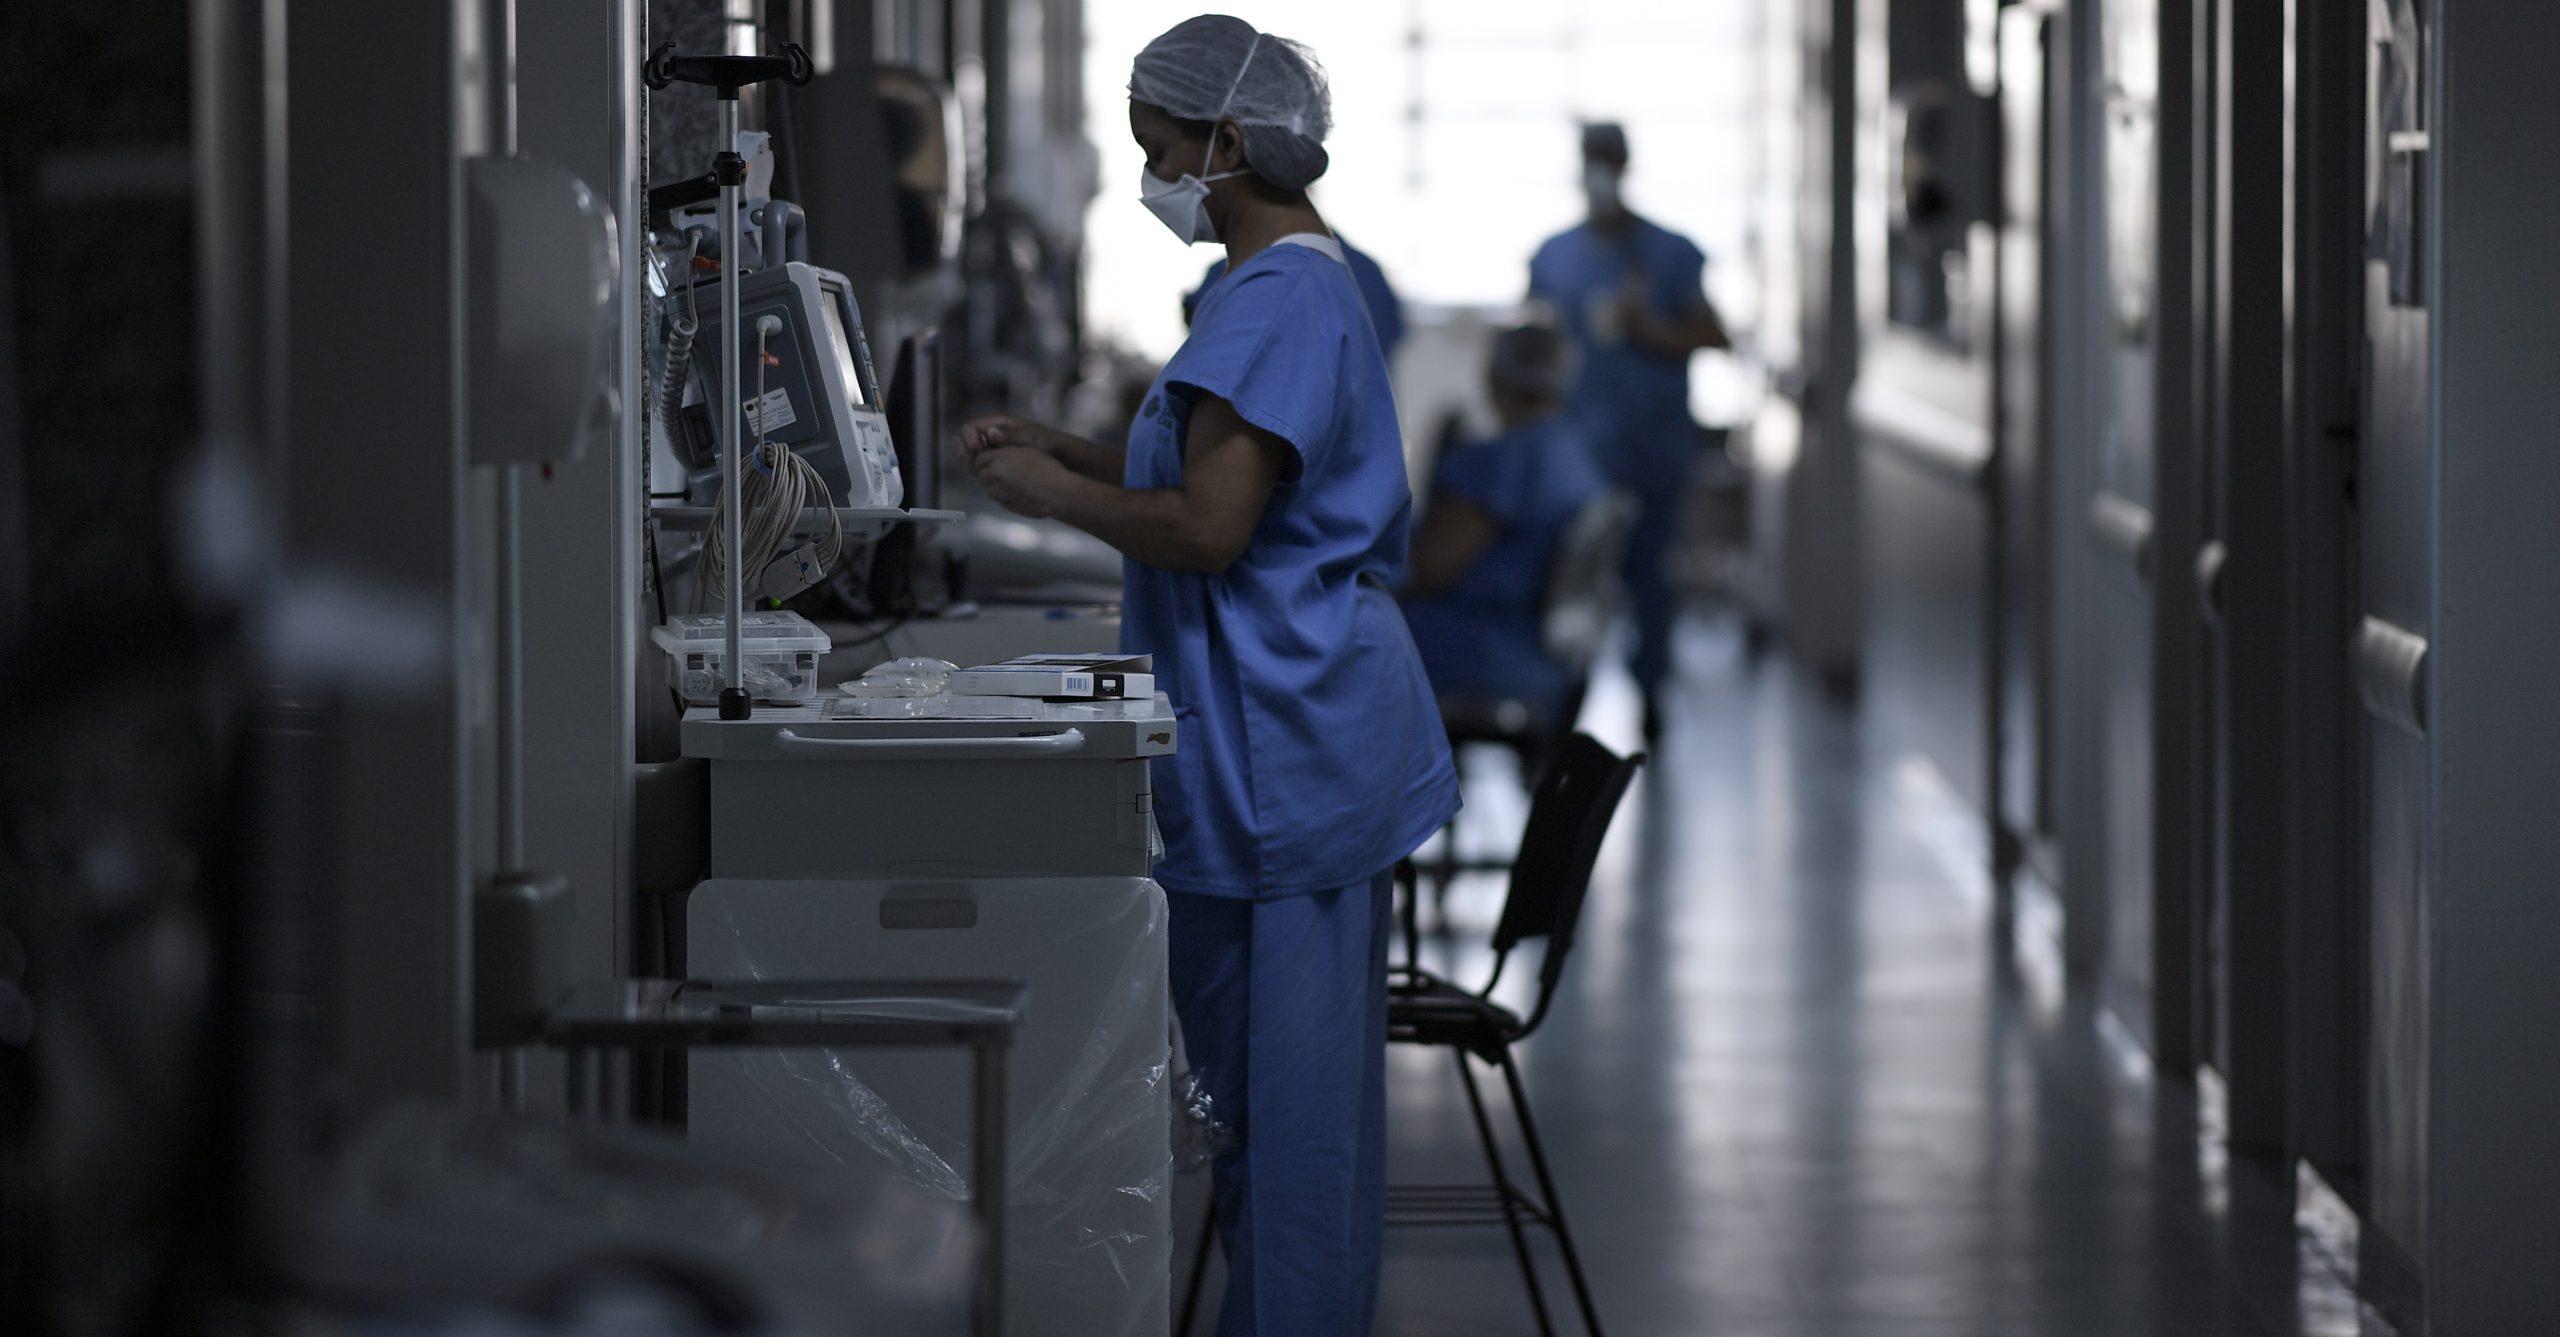 Enfermeras con hijos con discapacidad se amparan para no trabajar durante pandemia